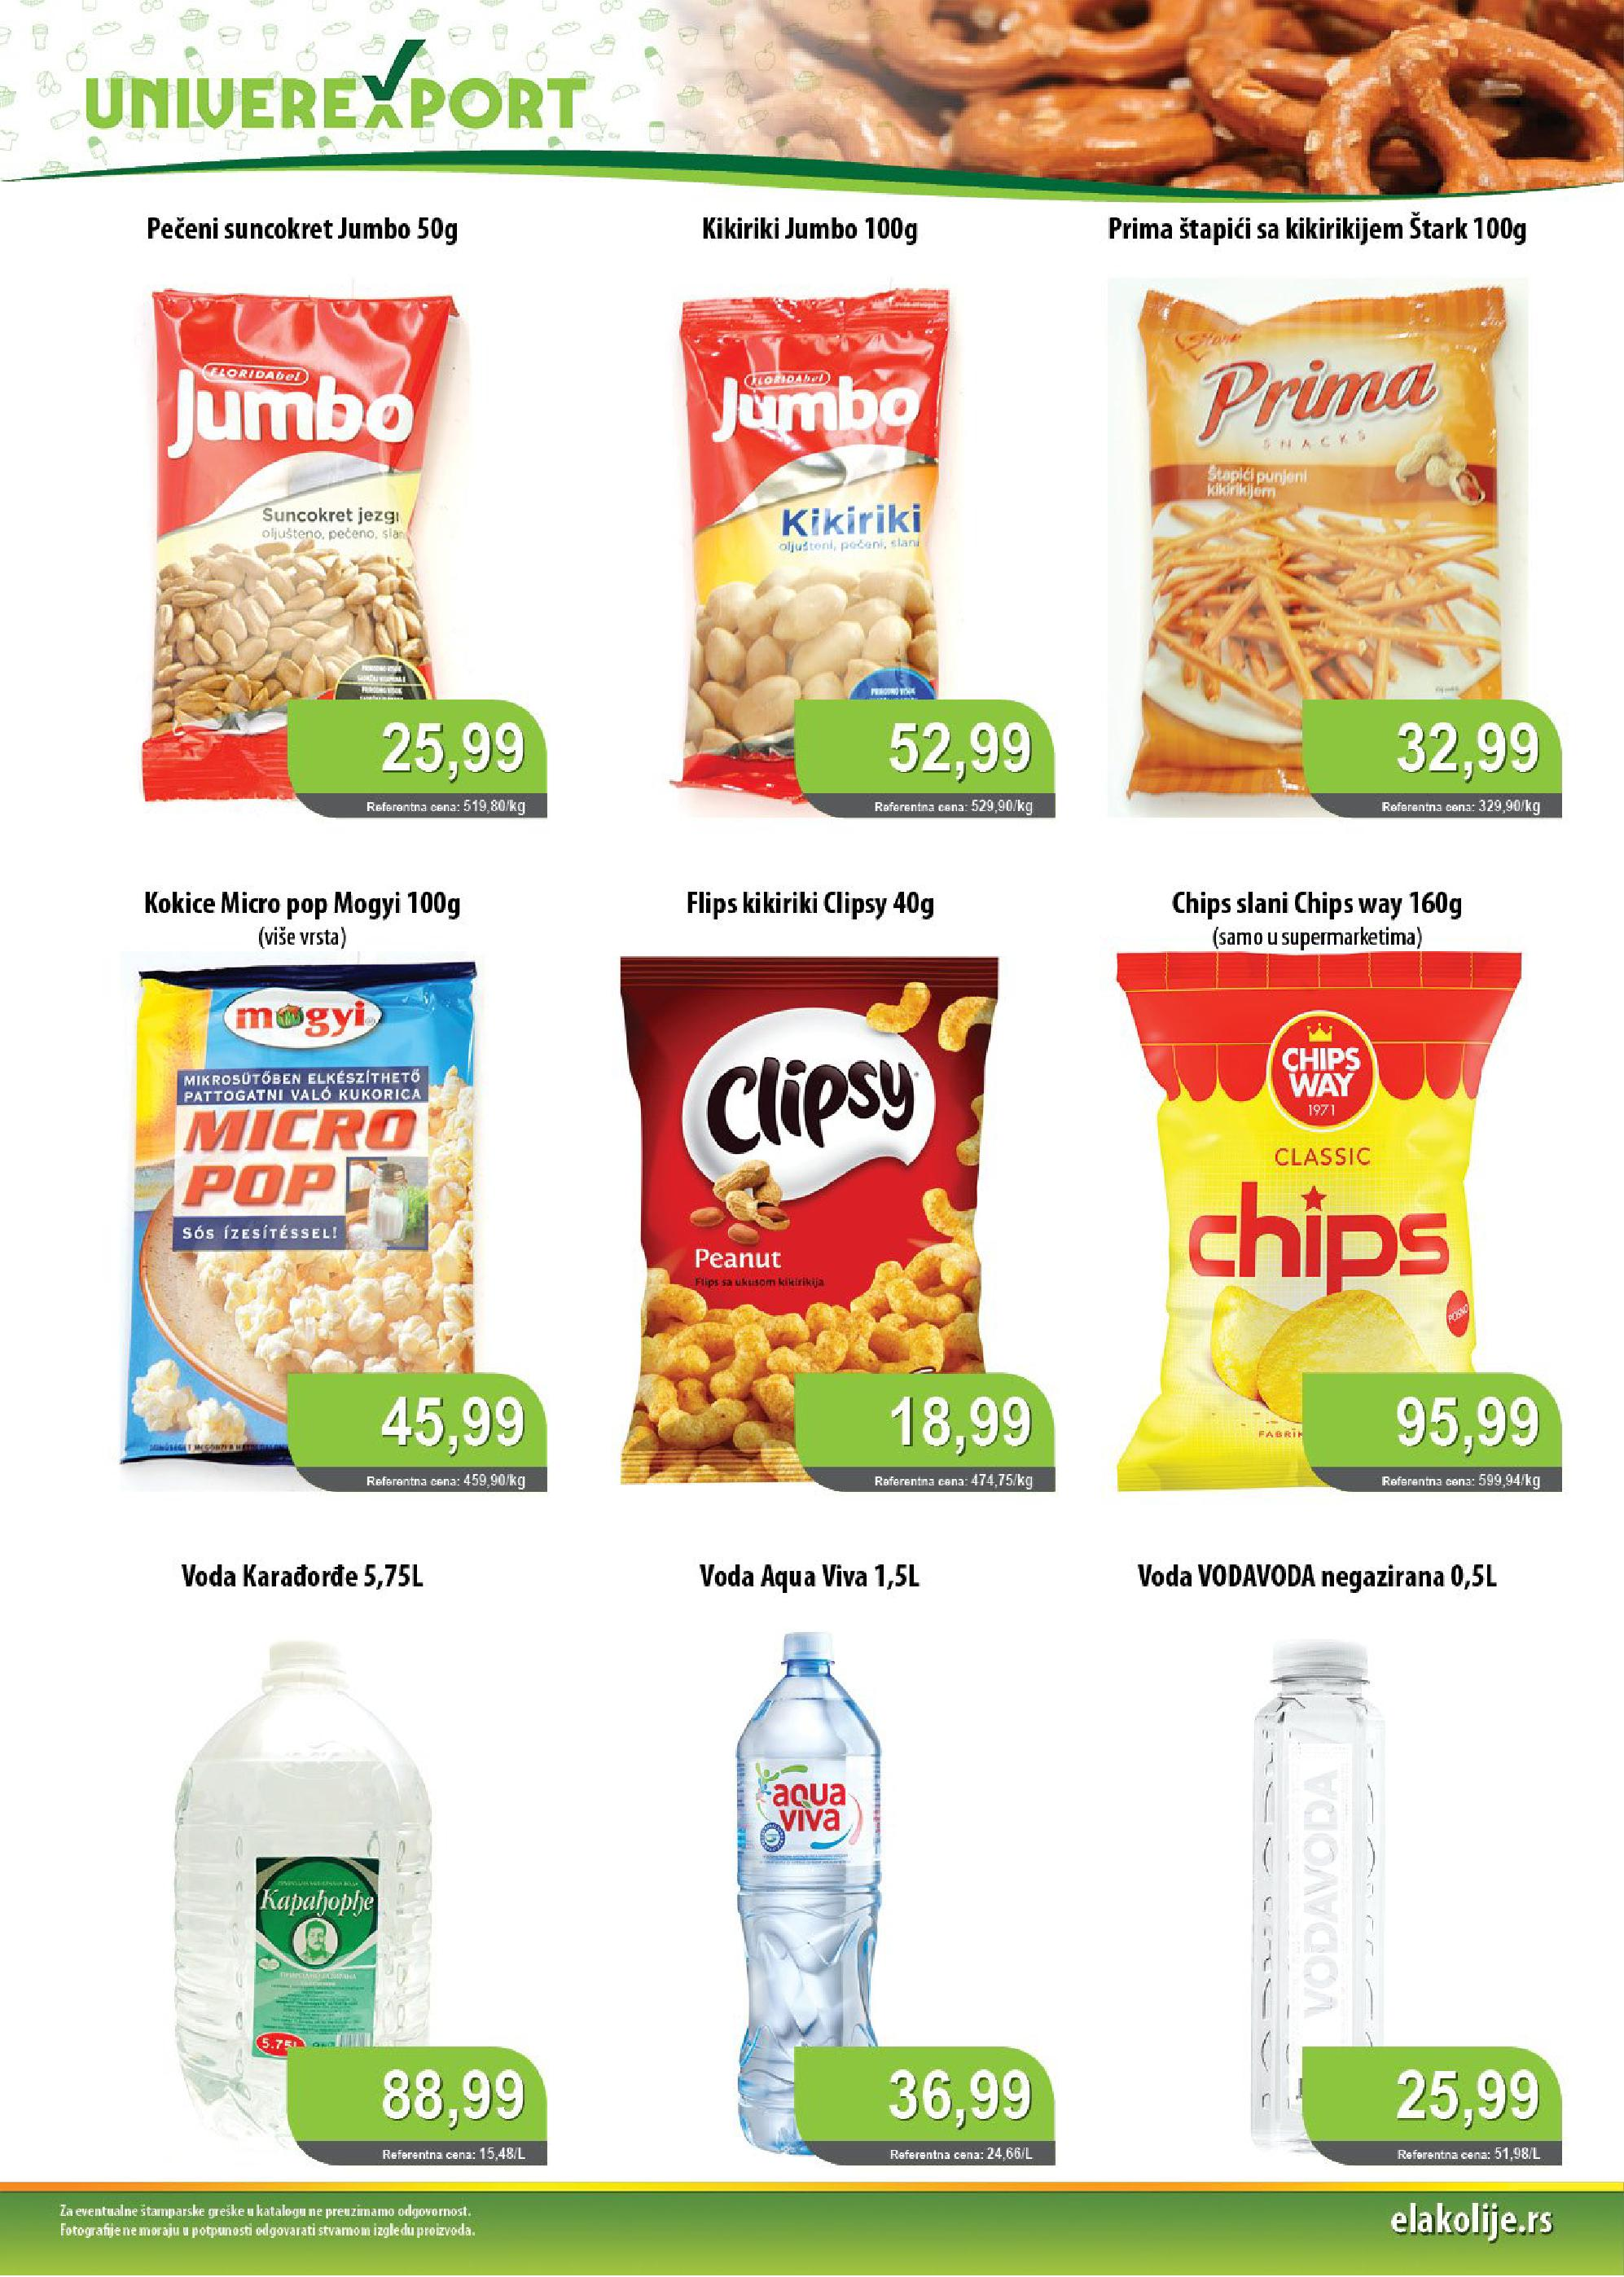 Univerexport akcija prazničnih cena